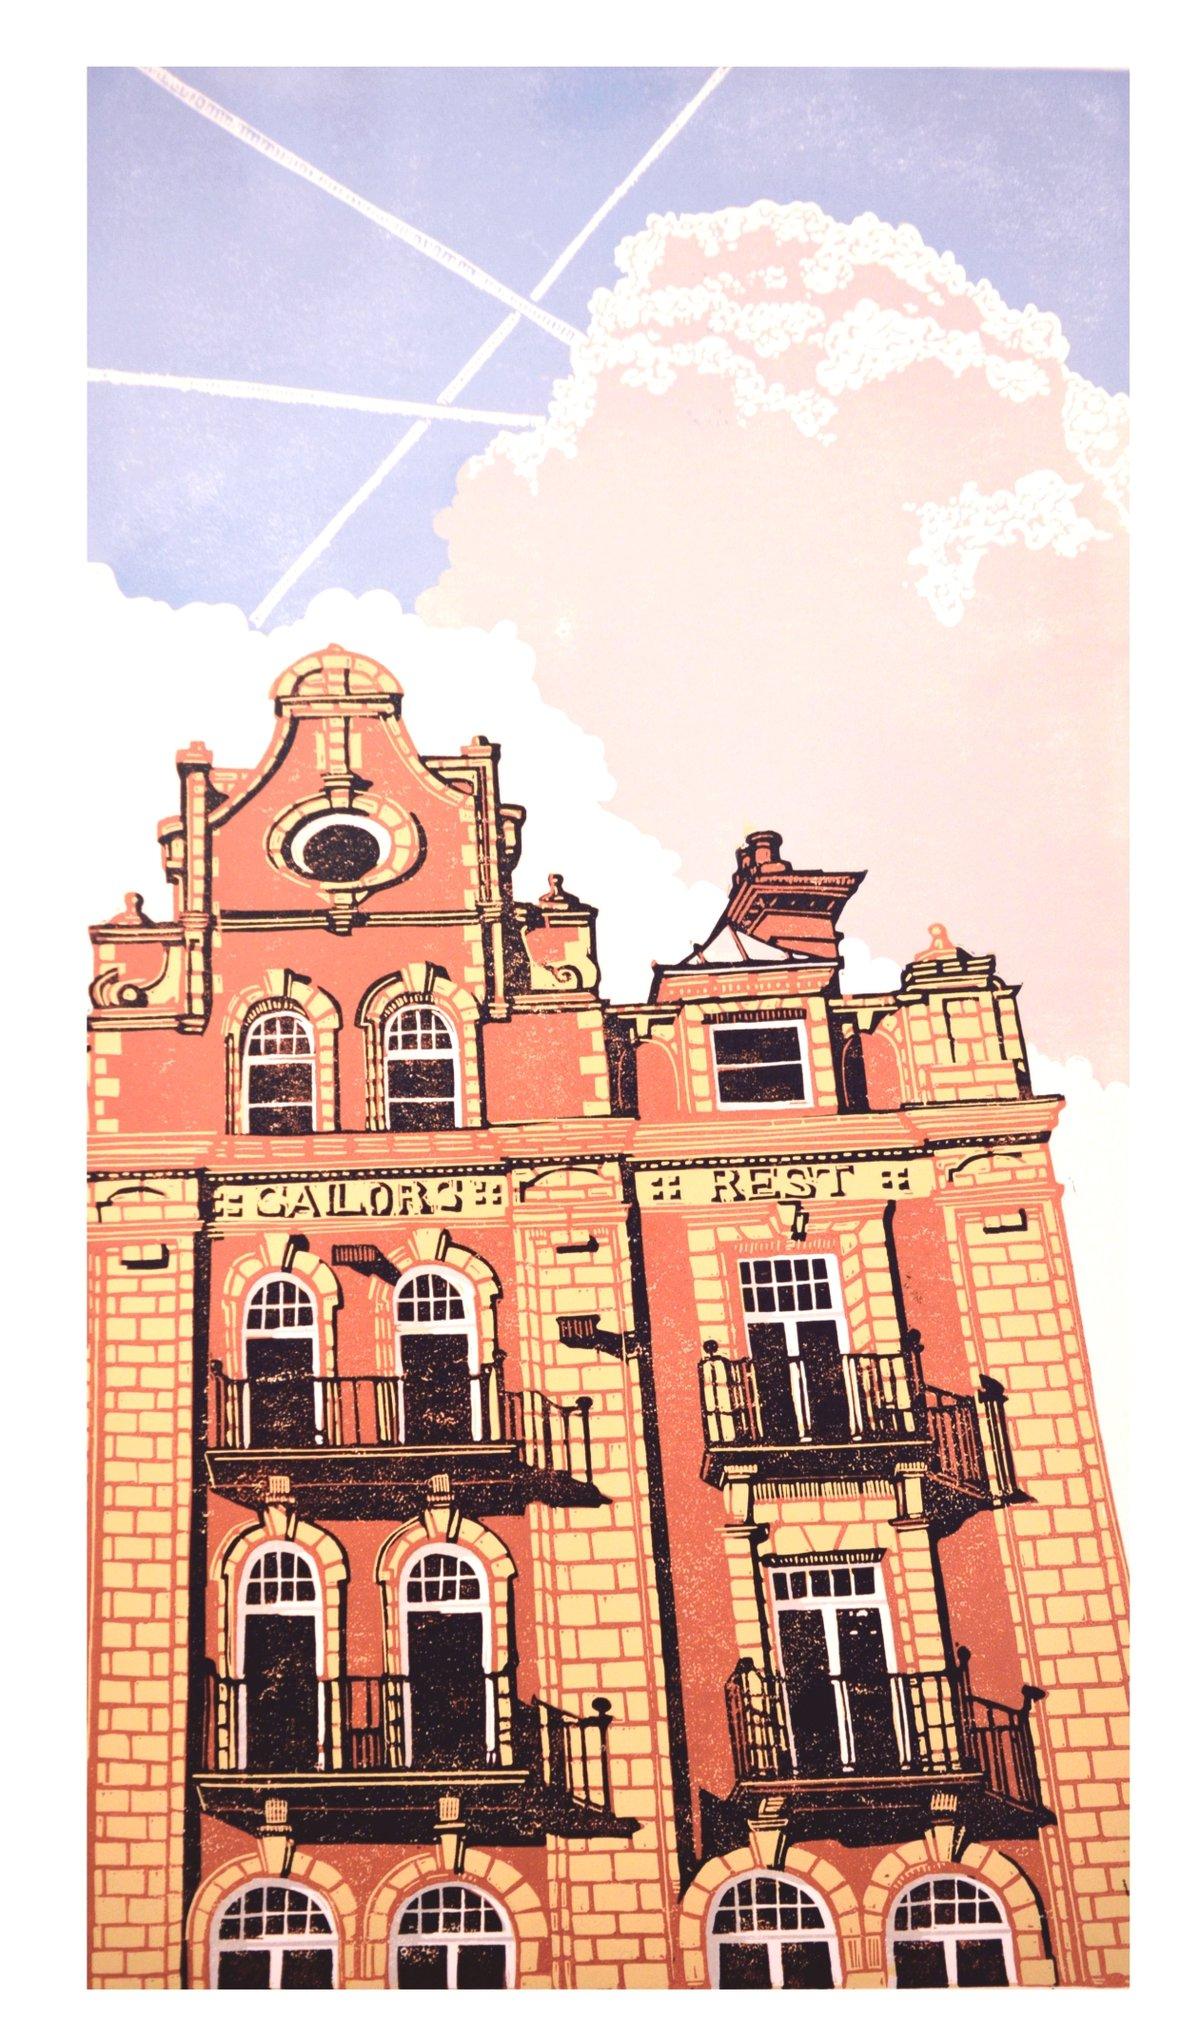 Image of Sailor's Rest - linocut print